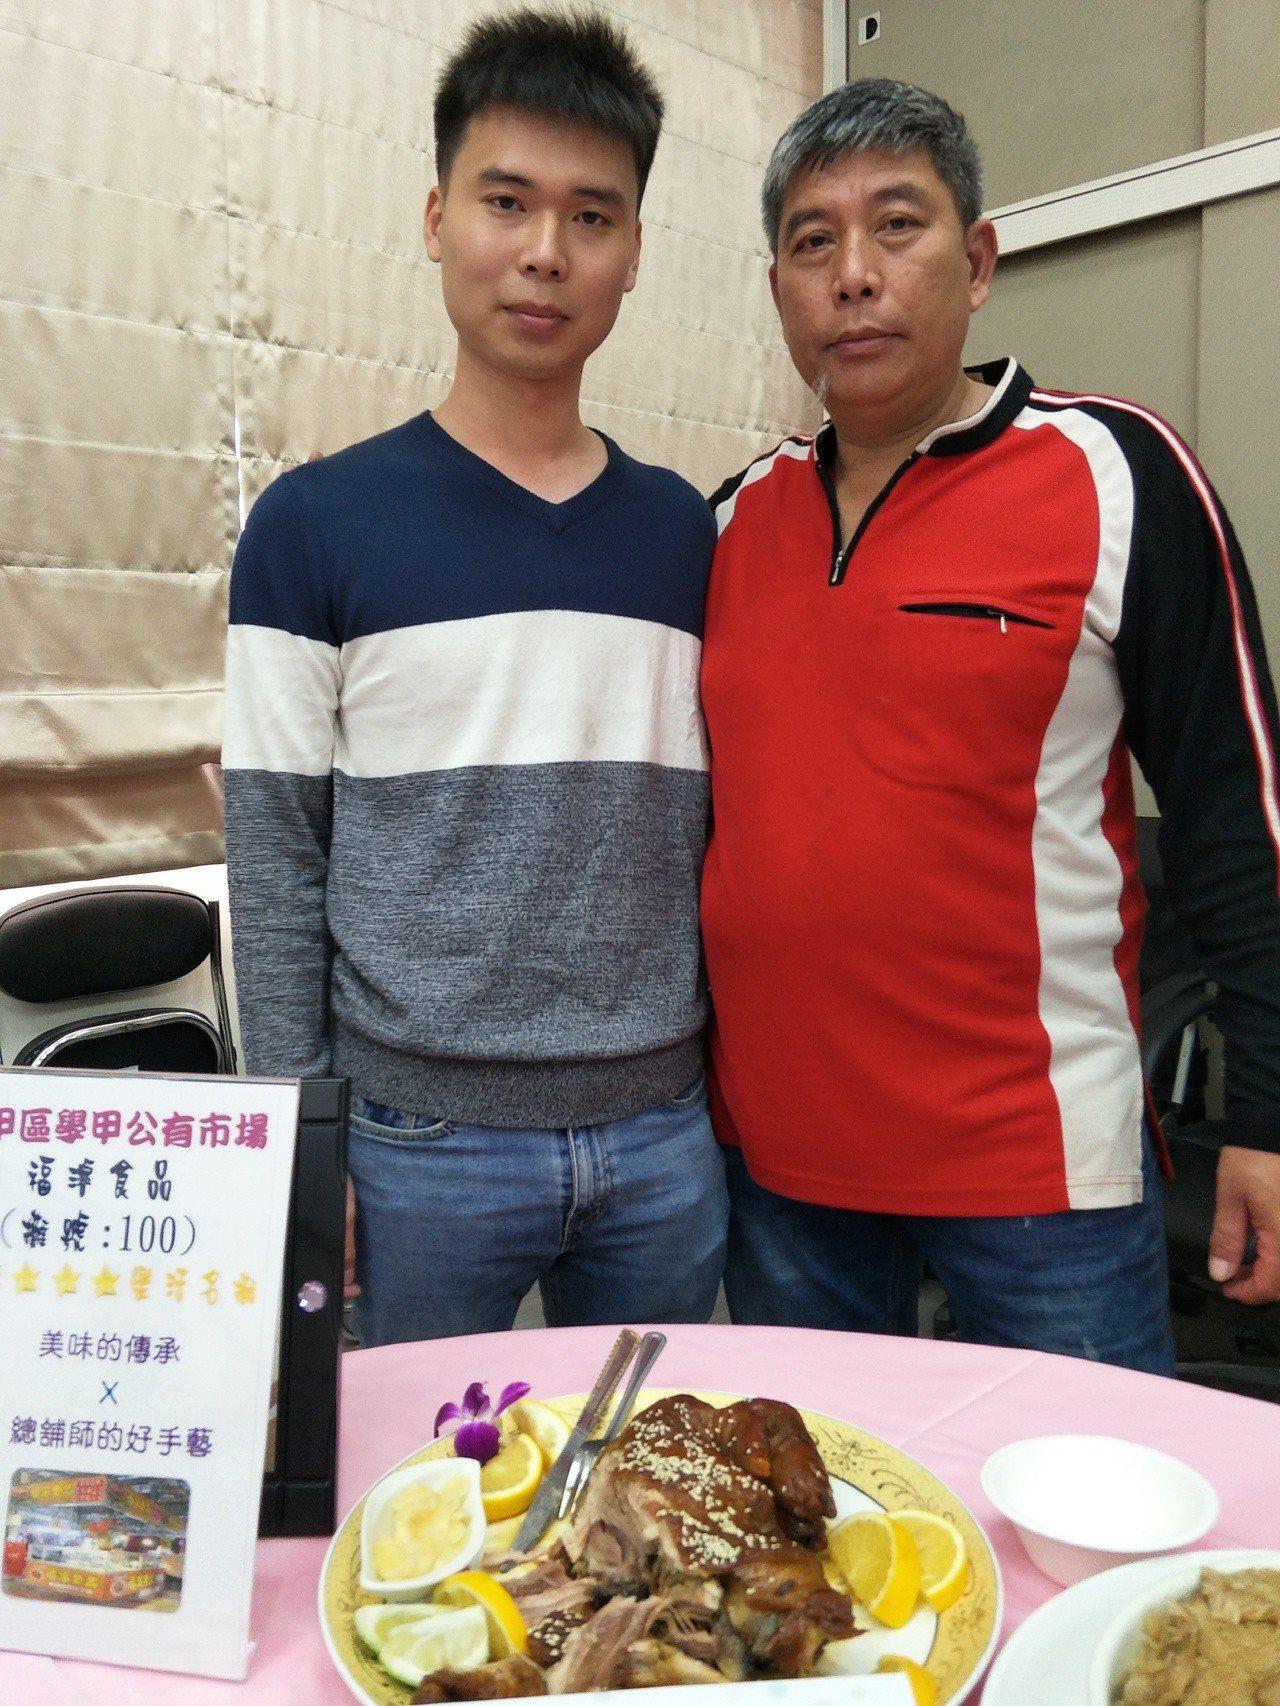 學甲市場福濬食老闆謝明宗(右)具有乙級廚師執照,兒子謝耀進(左)也有丙級證照。記...